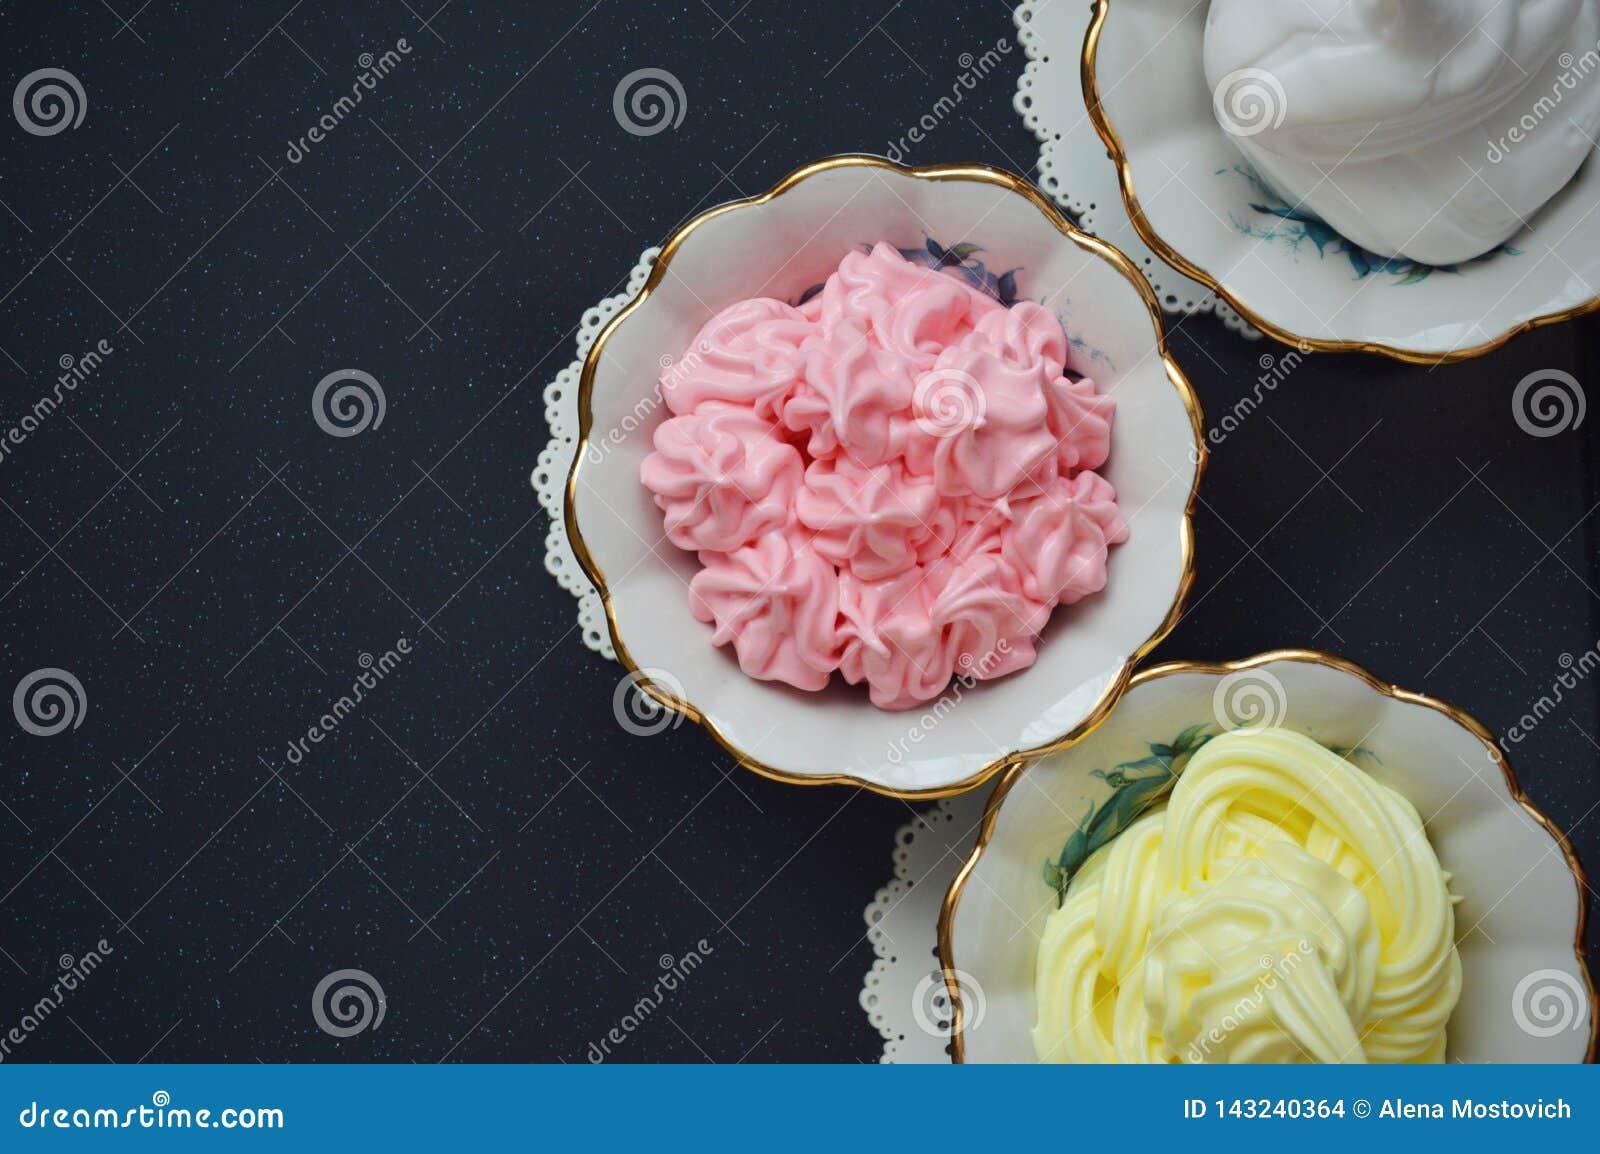 Colored creamy desserts in kremanki